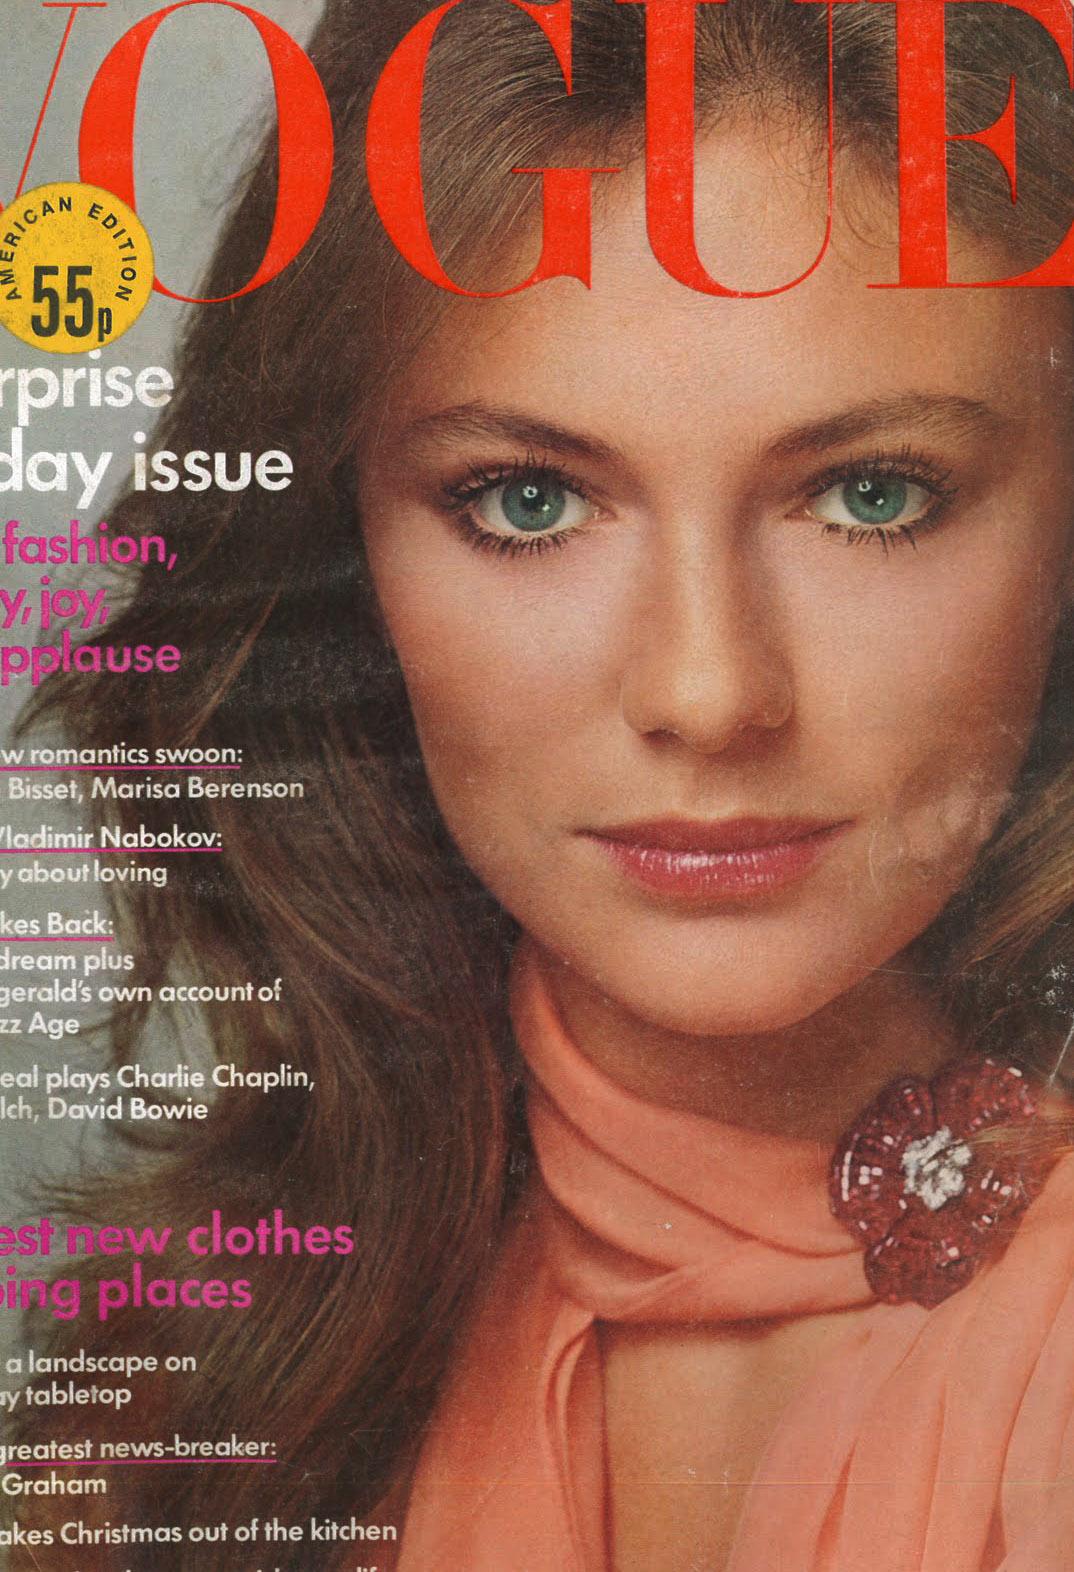 Photo of Jacqueline Bisset #369875. Image size: 1074 х 1572. Upload